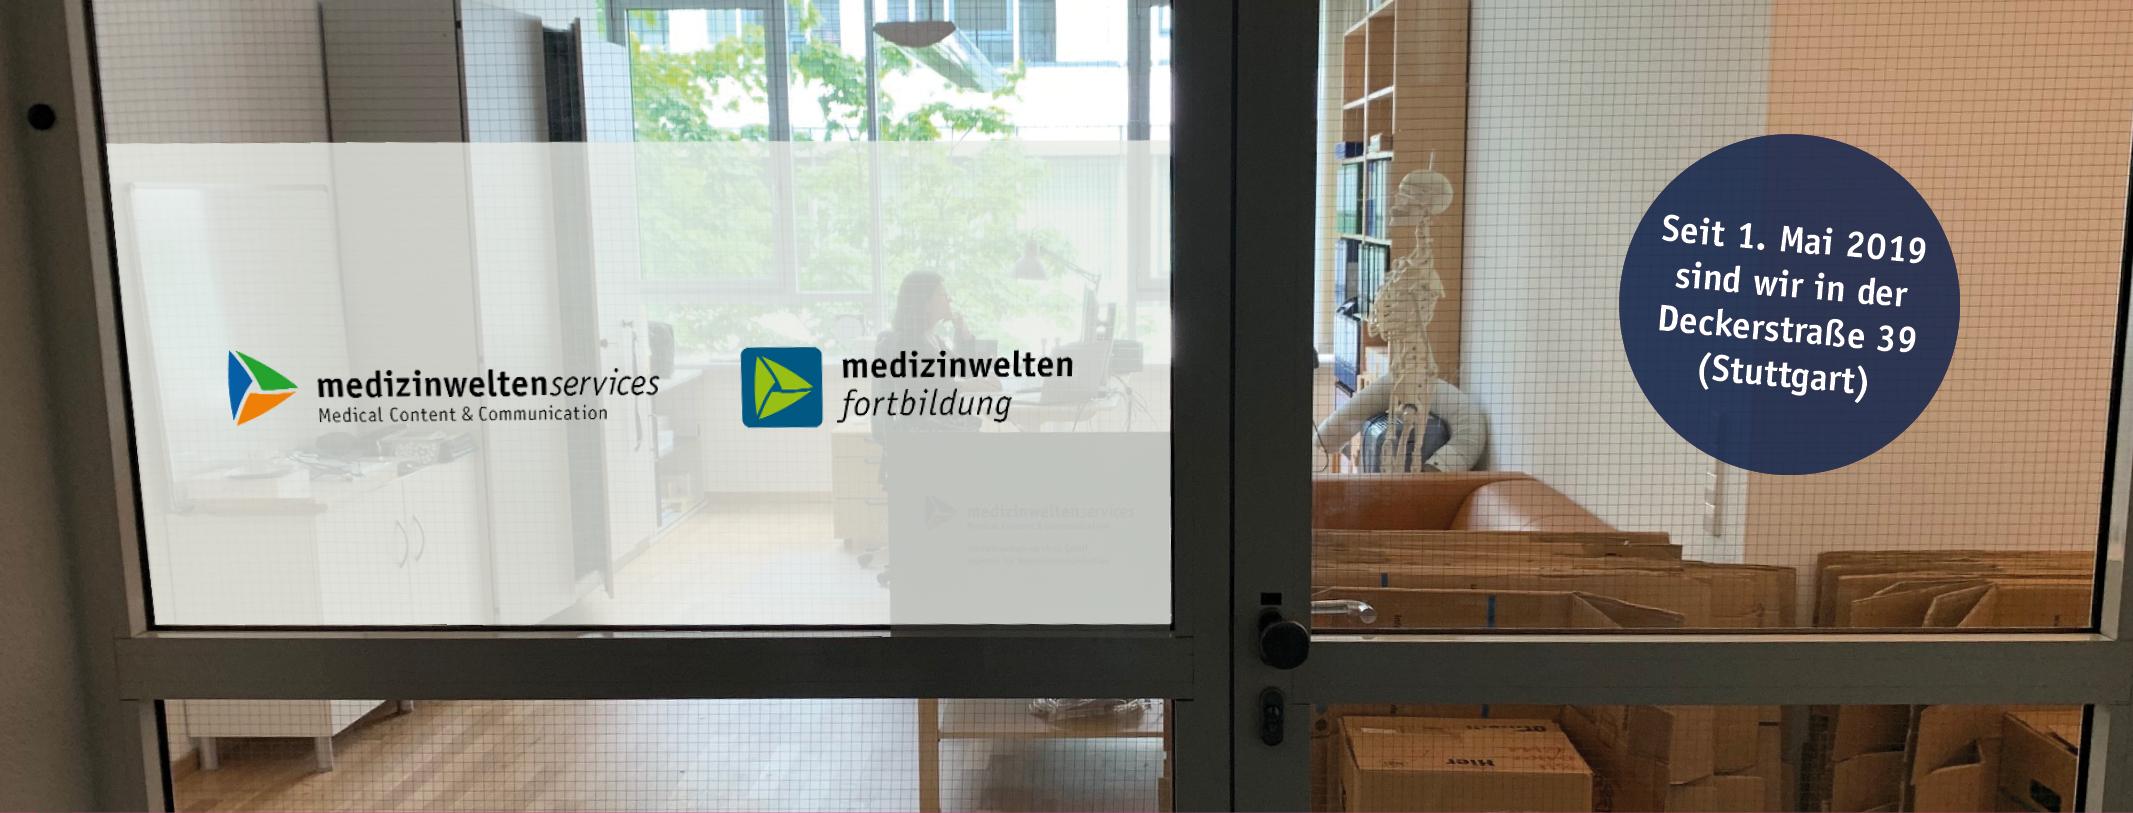 medizinwelten-services – Über uns